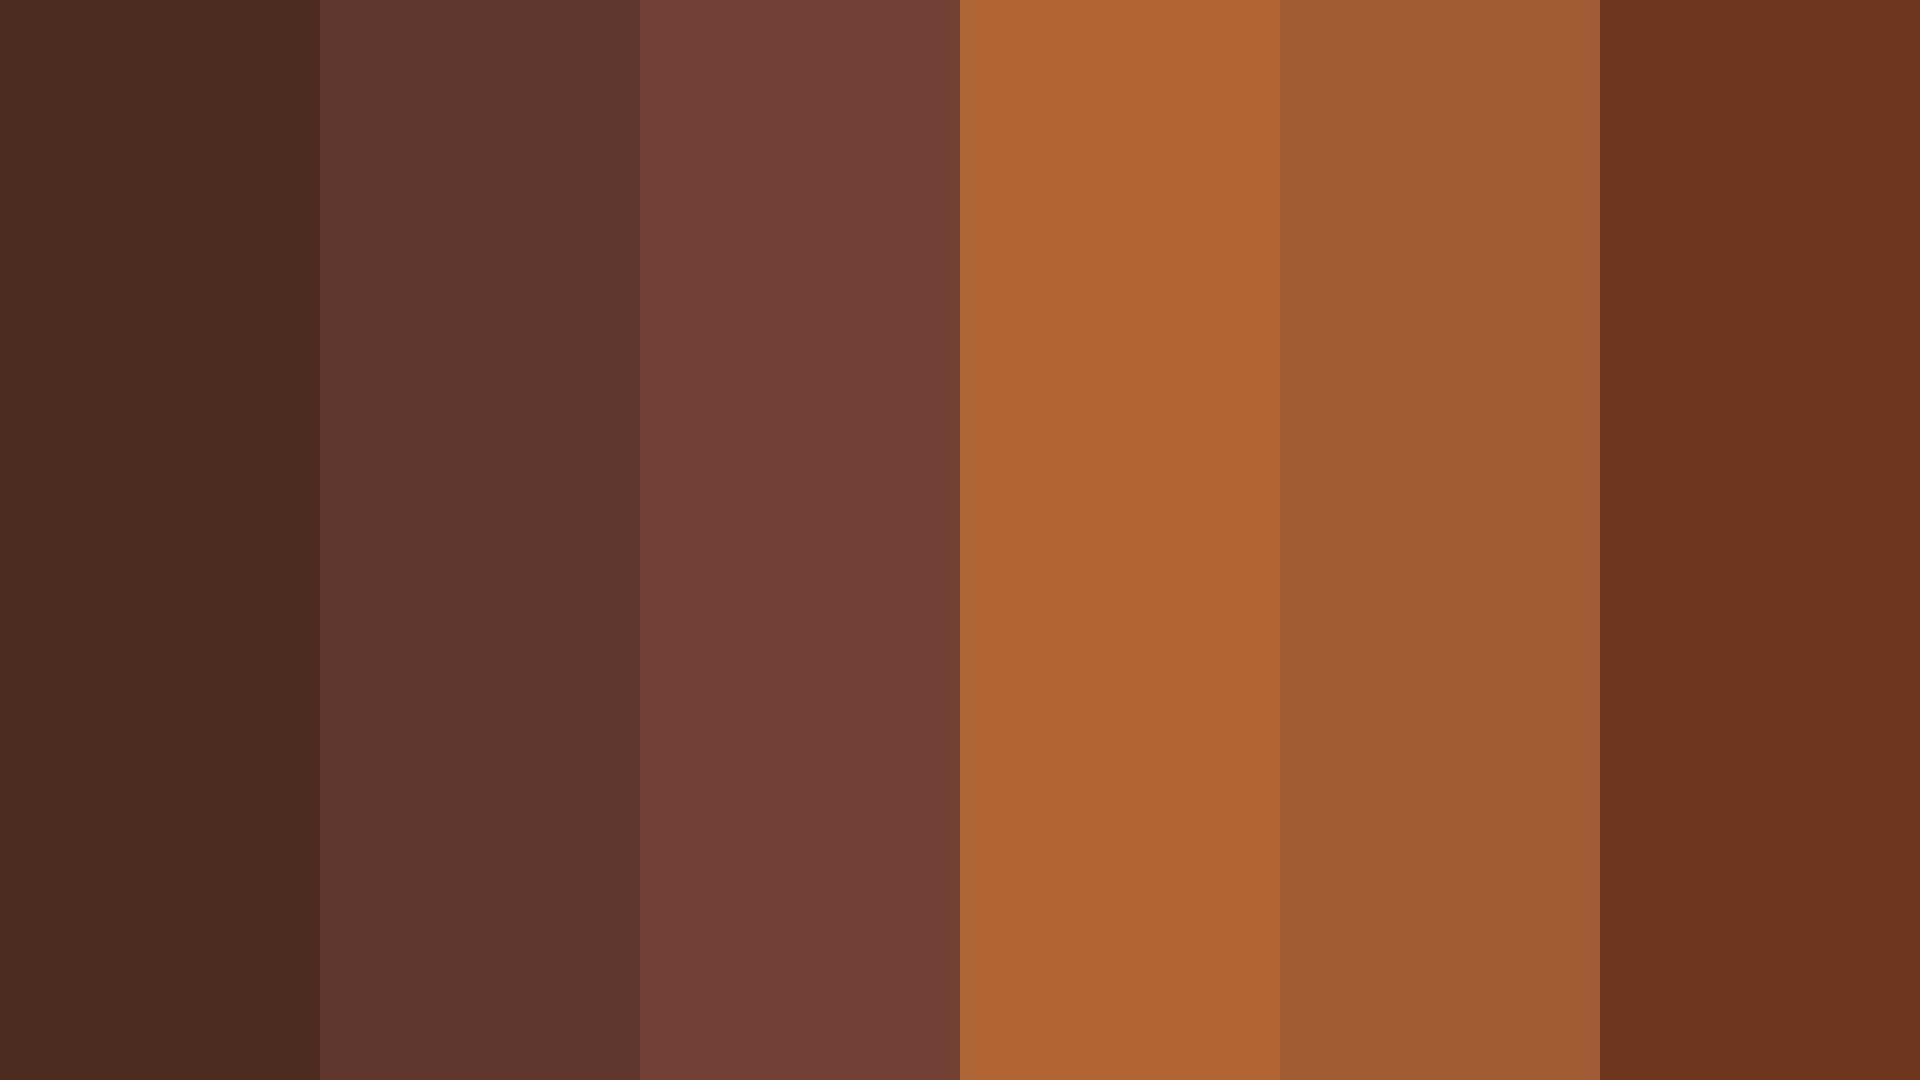 Dark Skin Tones Color Palette Dark Skin Tone Colors Skin Color Palette Colors For Skin Tone